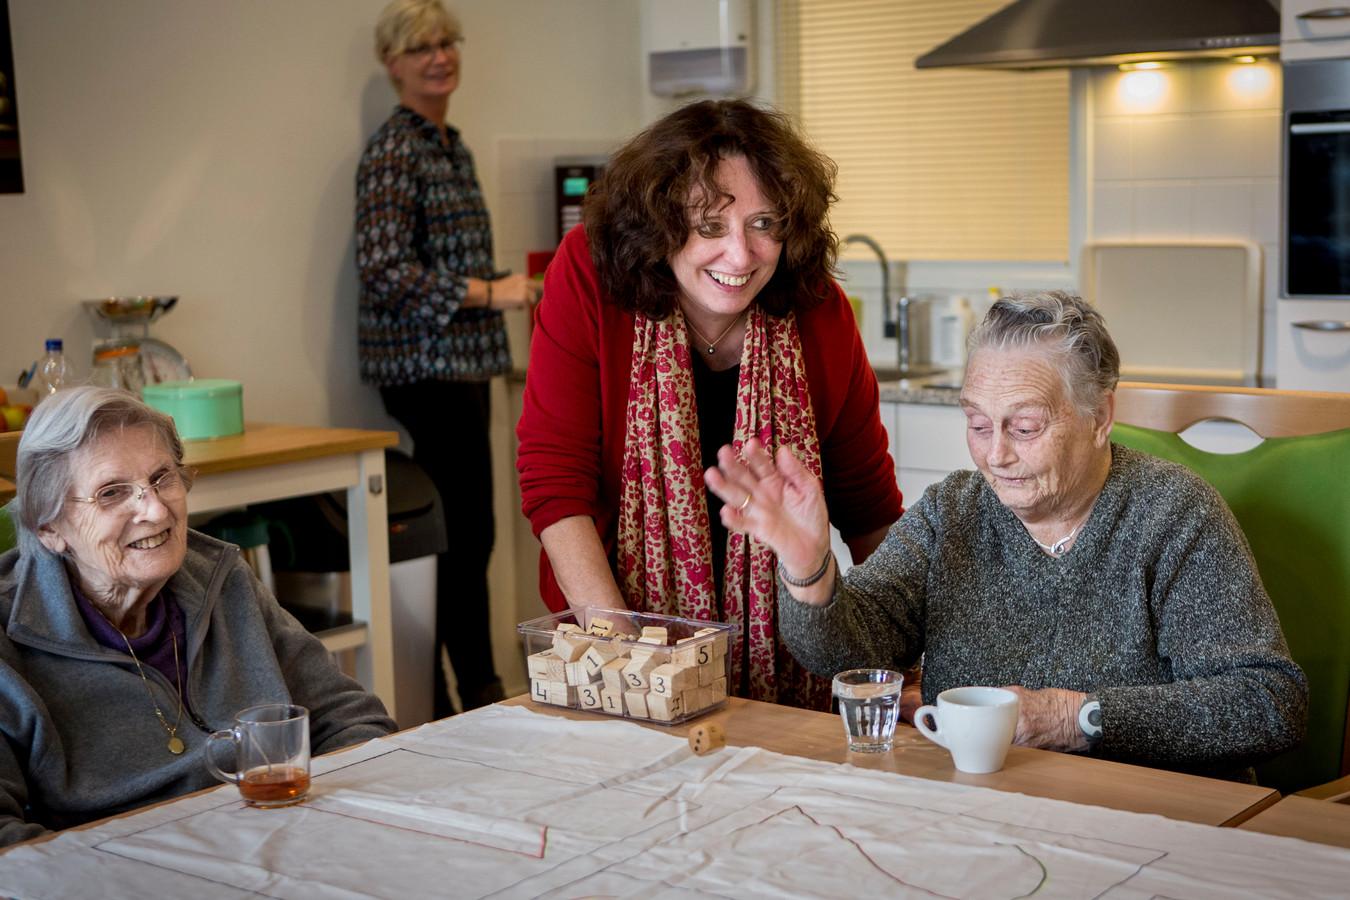 Verpleeghuizen De Open Waard in Oud-Beijerland en De Buitensluis in Numansdorp zijn door de Inspectie Gezondheidszorg en Jeugd (IGJ) onder verscherpt toezicht gesteld, omdat de zorg er onder de maat is.